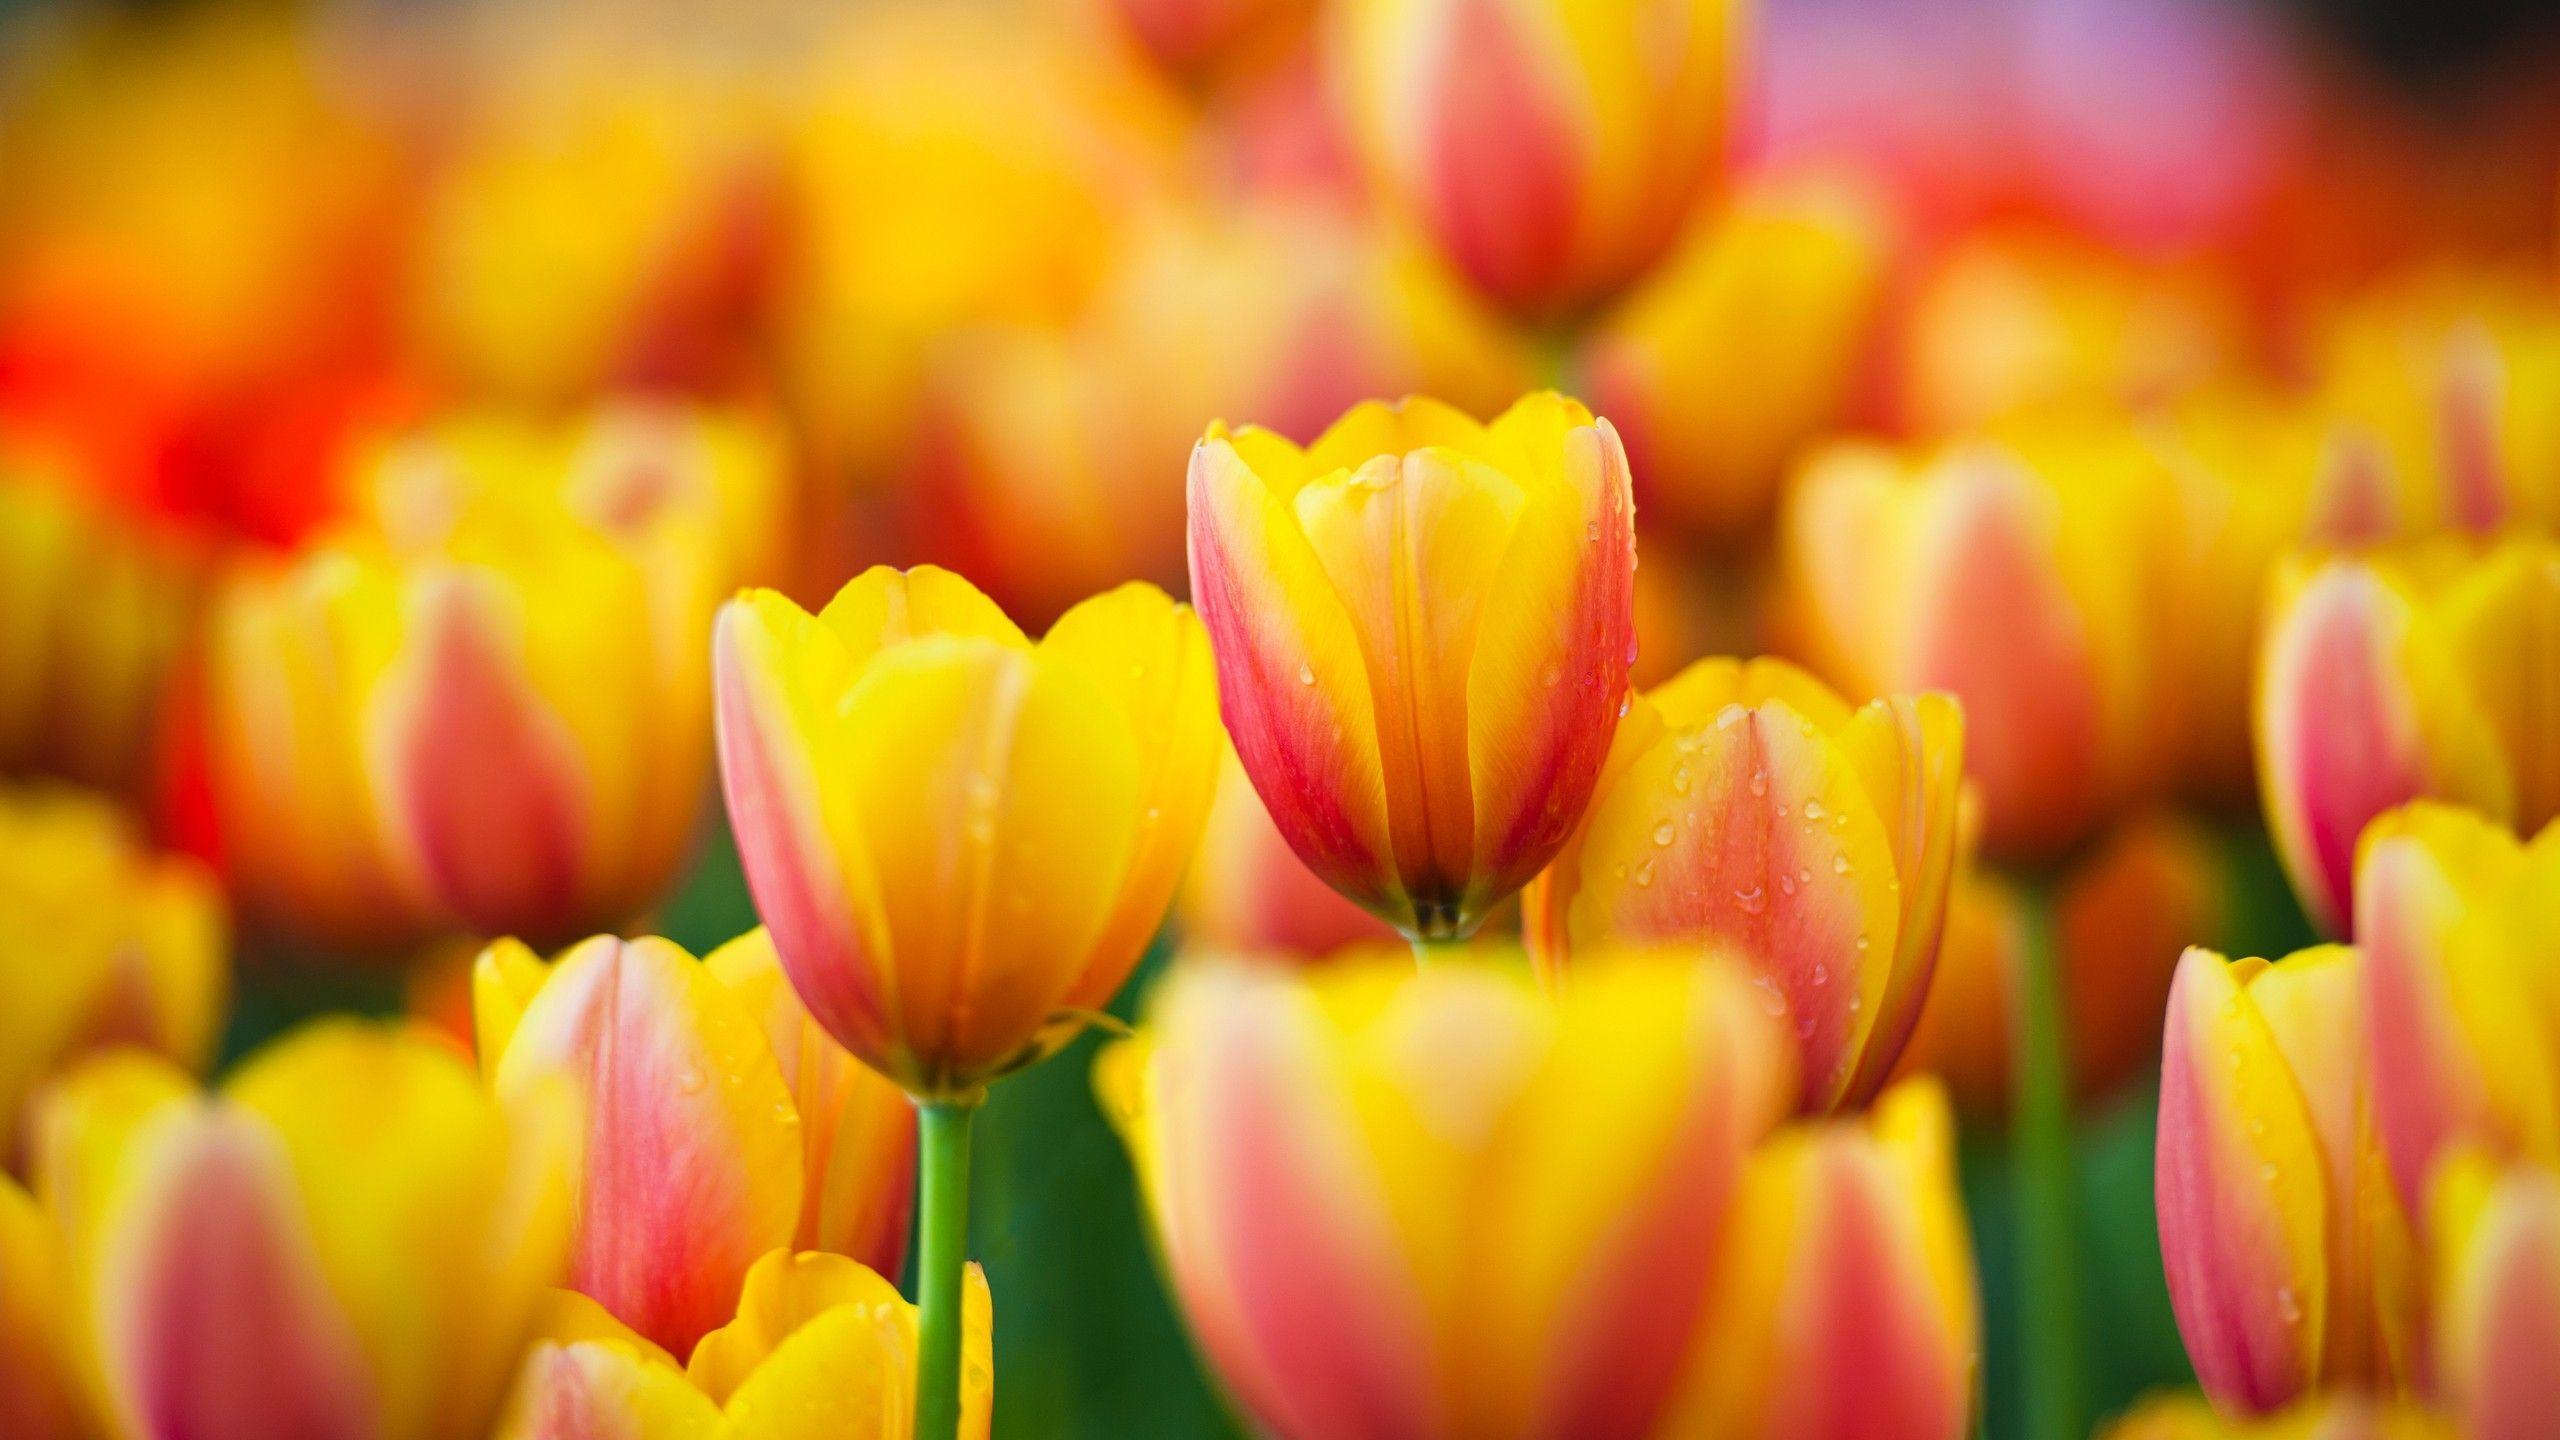 tulip pictures free